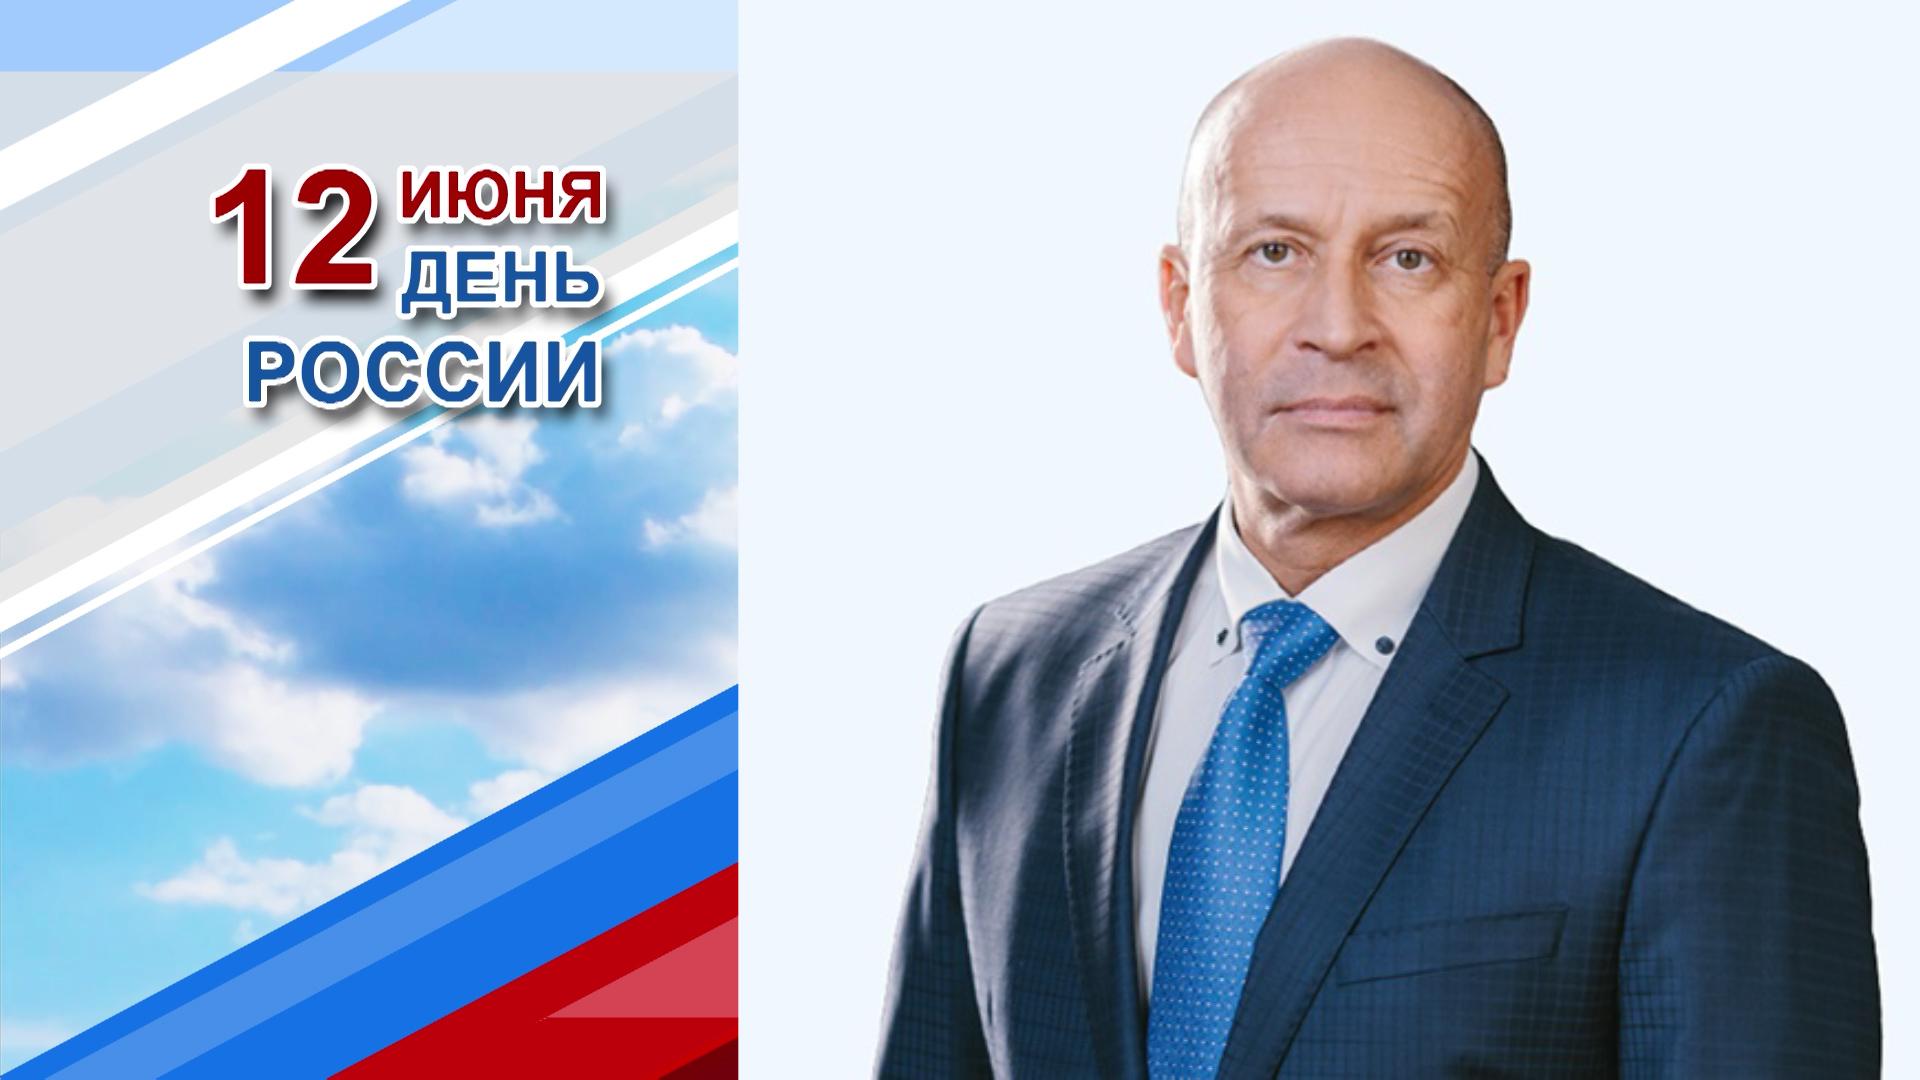 12 июня – День России. Поздравление от Михаила Денисова